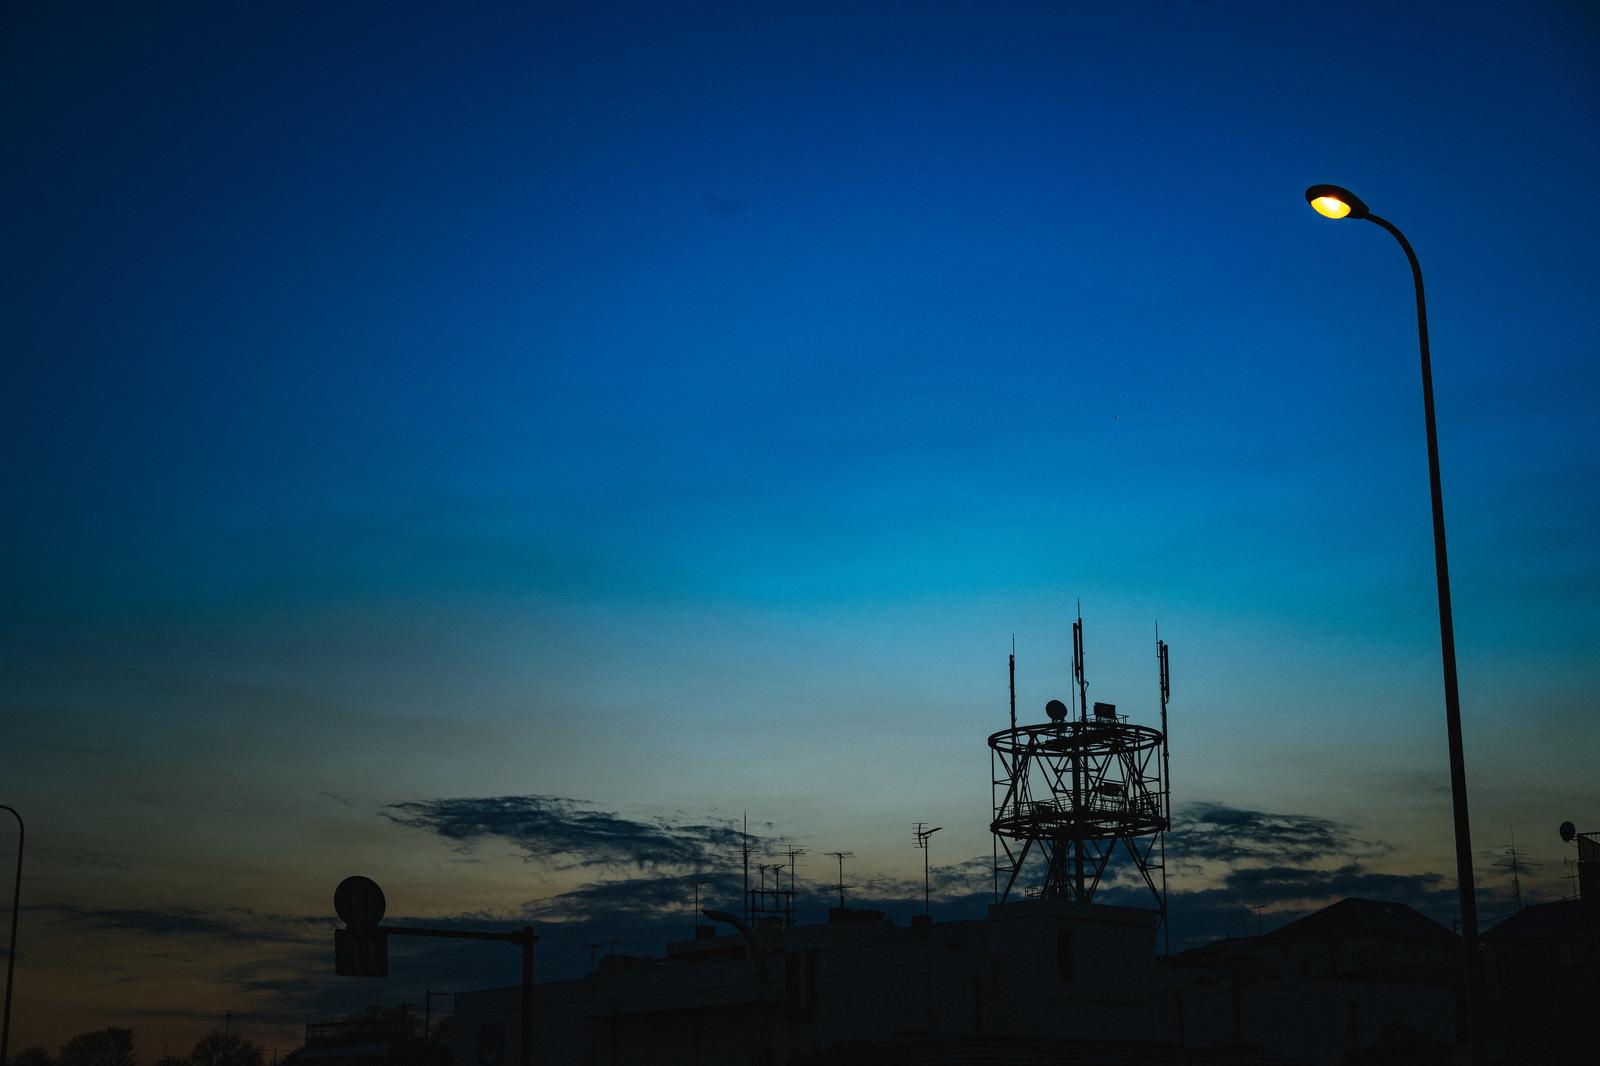 「夕暮れの街並み(シルエット)」の写真